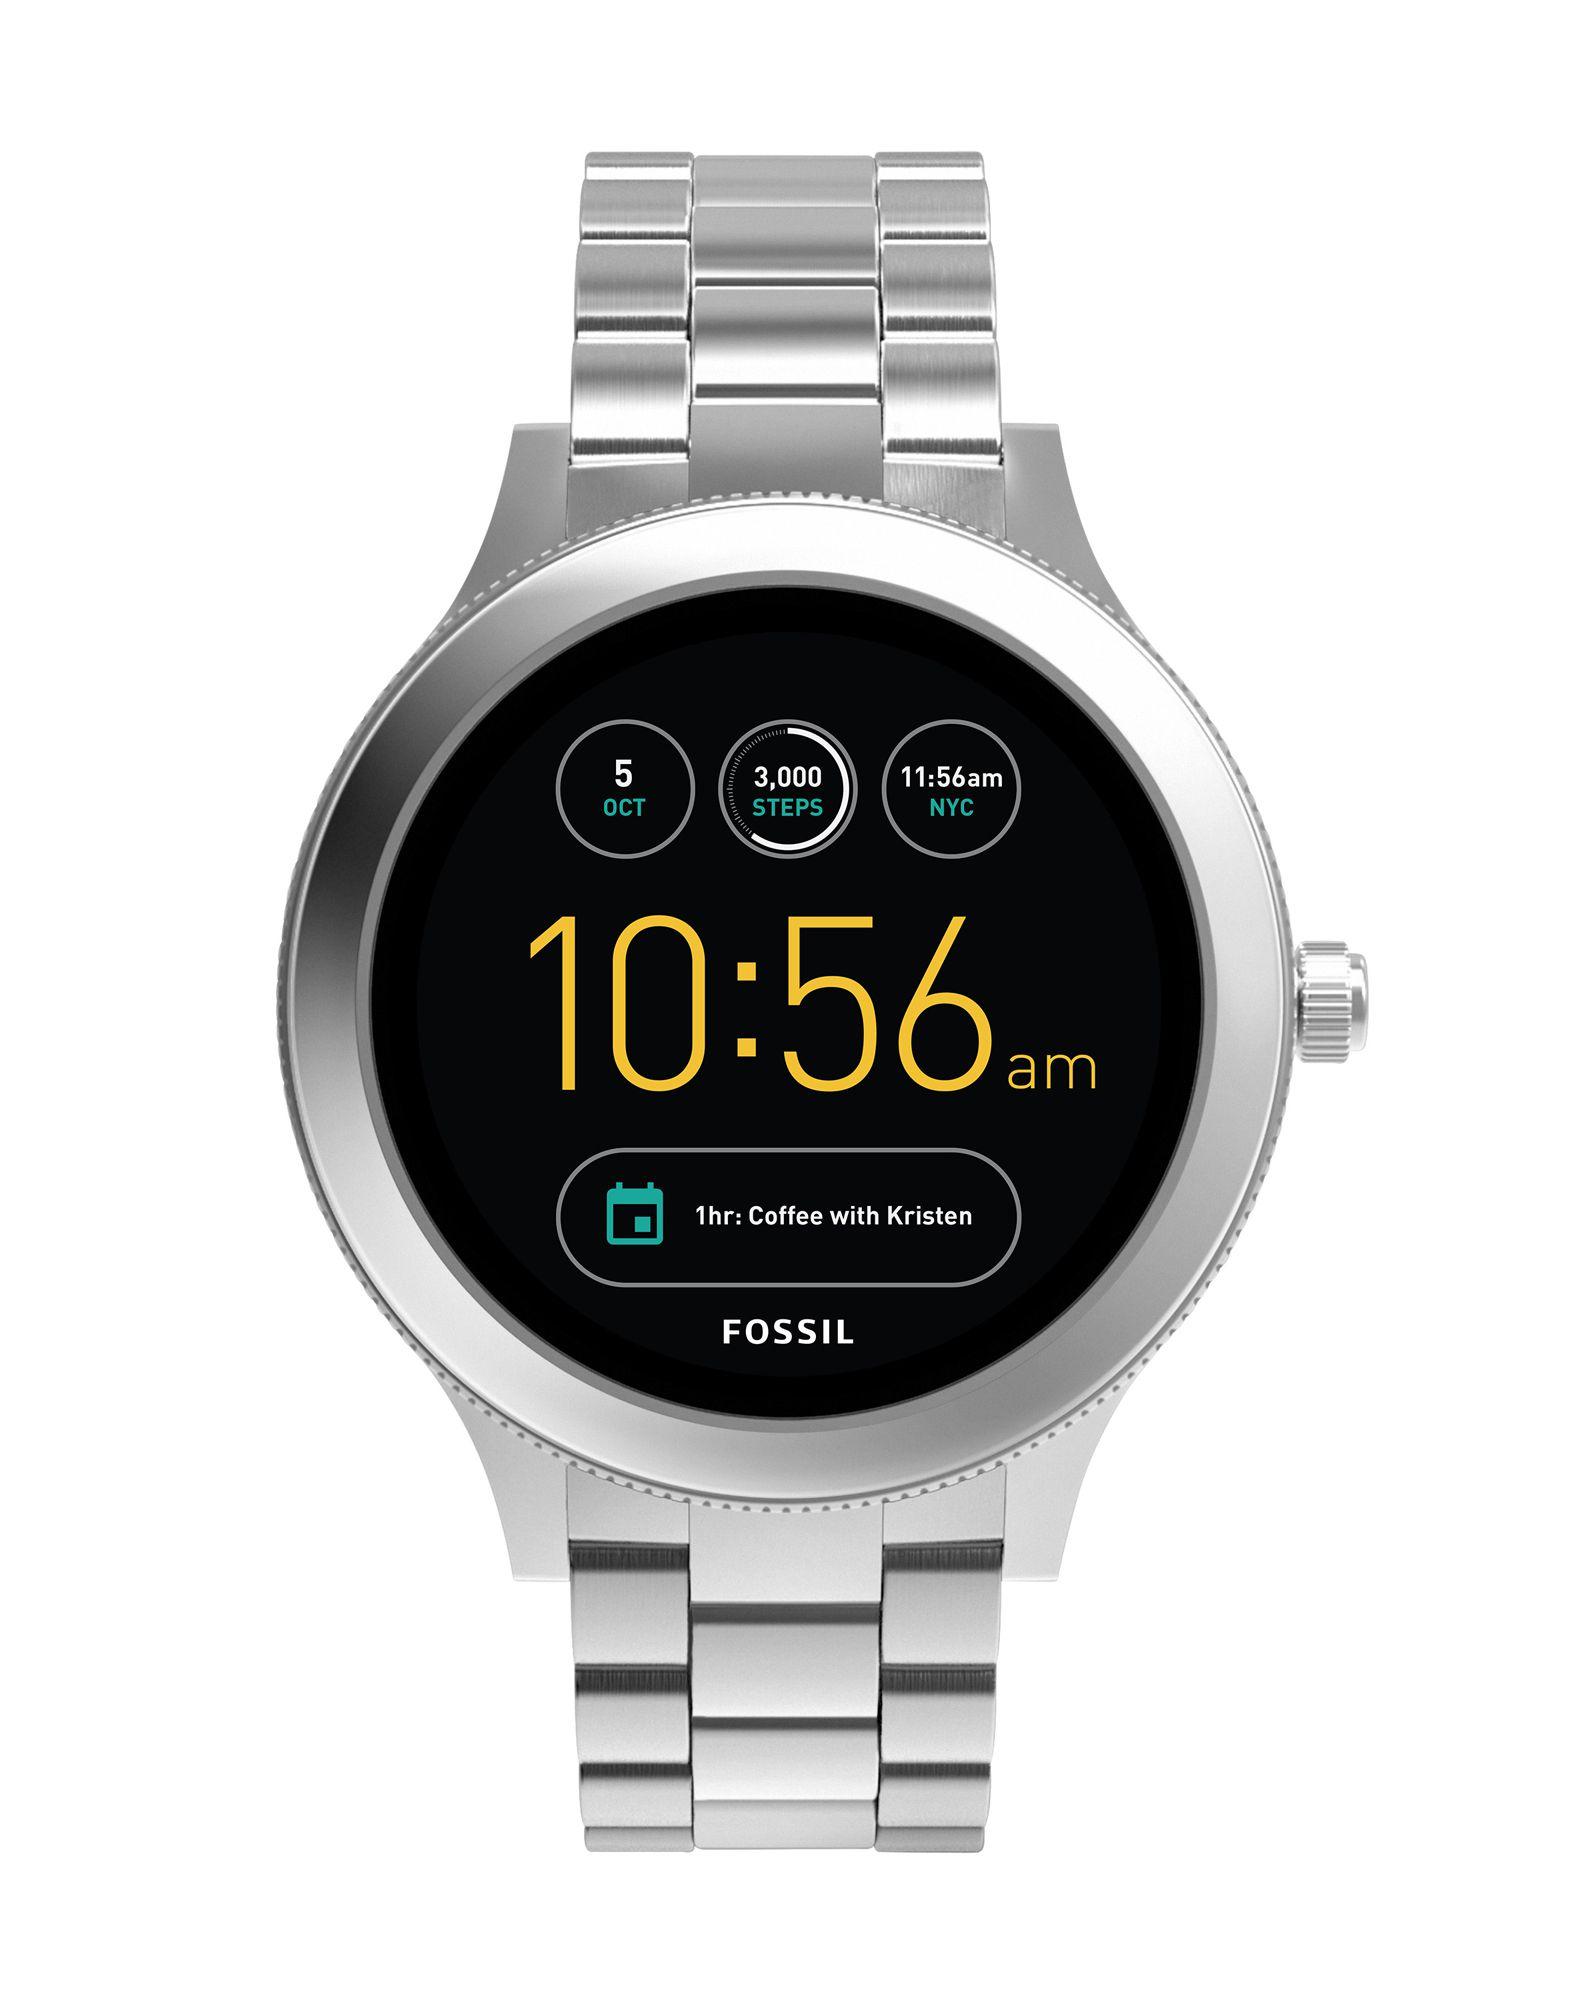 FOSSIL Q Damen Smartwatch Farbe Silber Größe 1 - broschei